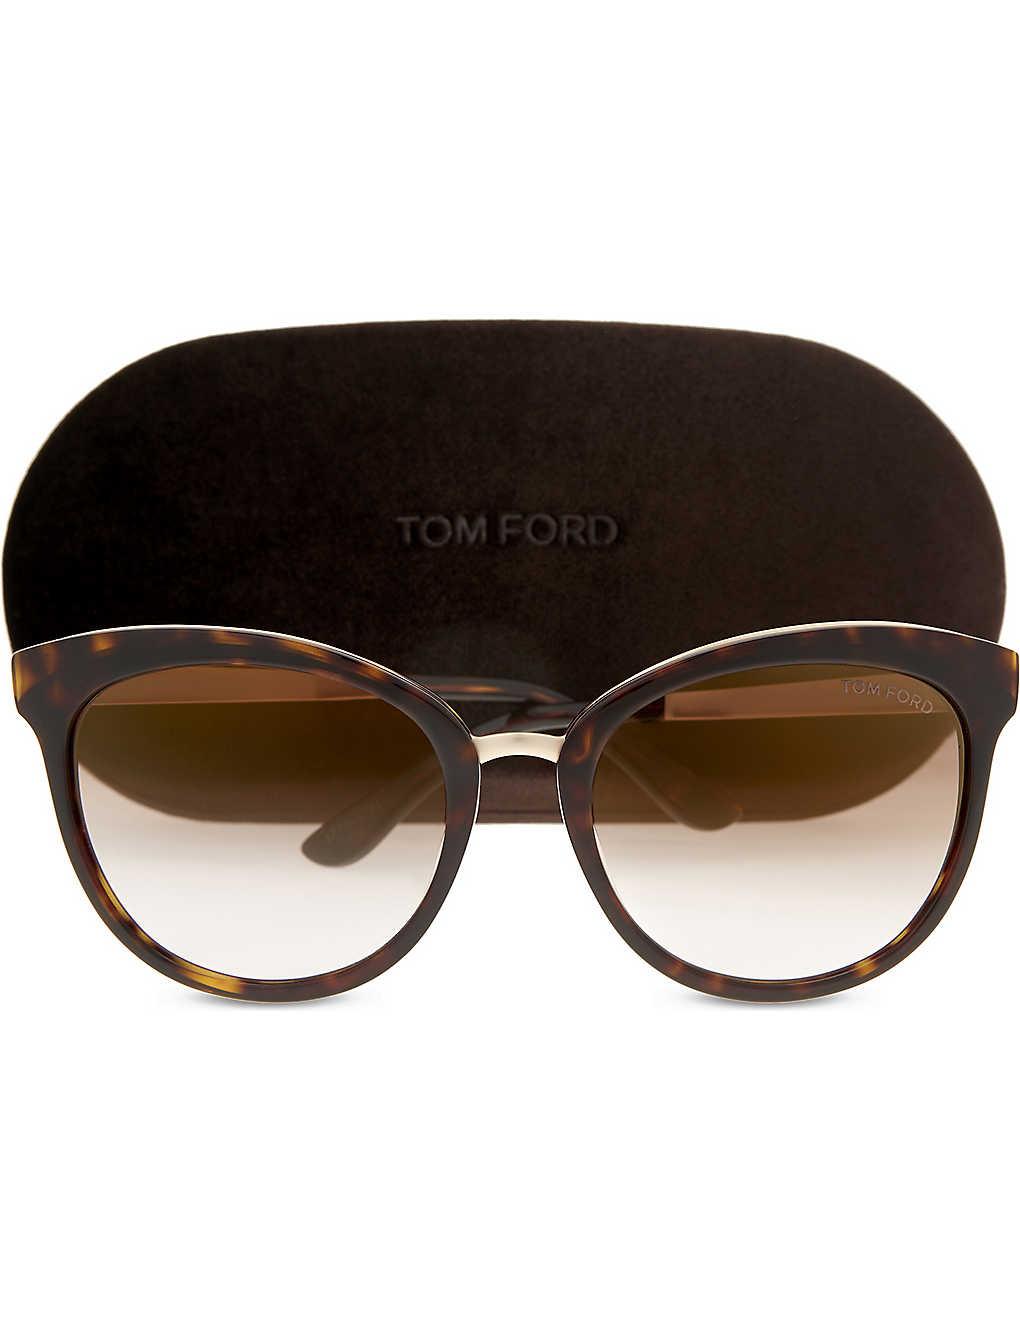 8e0d4d37b9 TOM FORD - Emma tortoiseshell cat-eye frame sunglasses